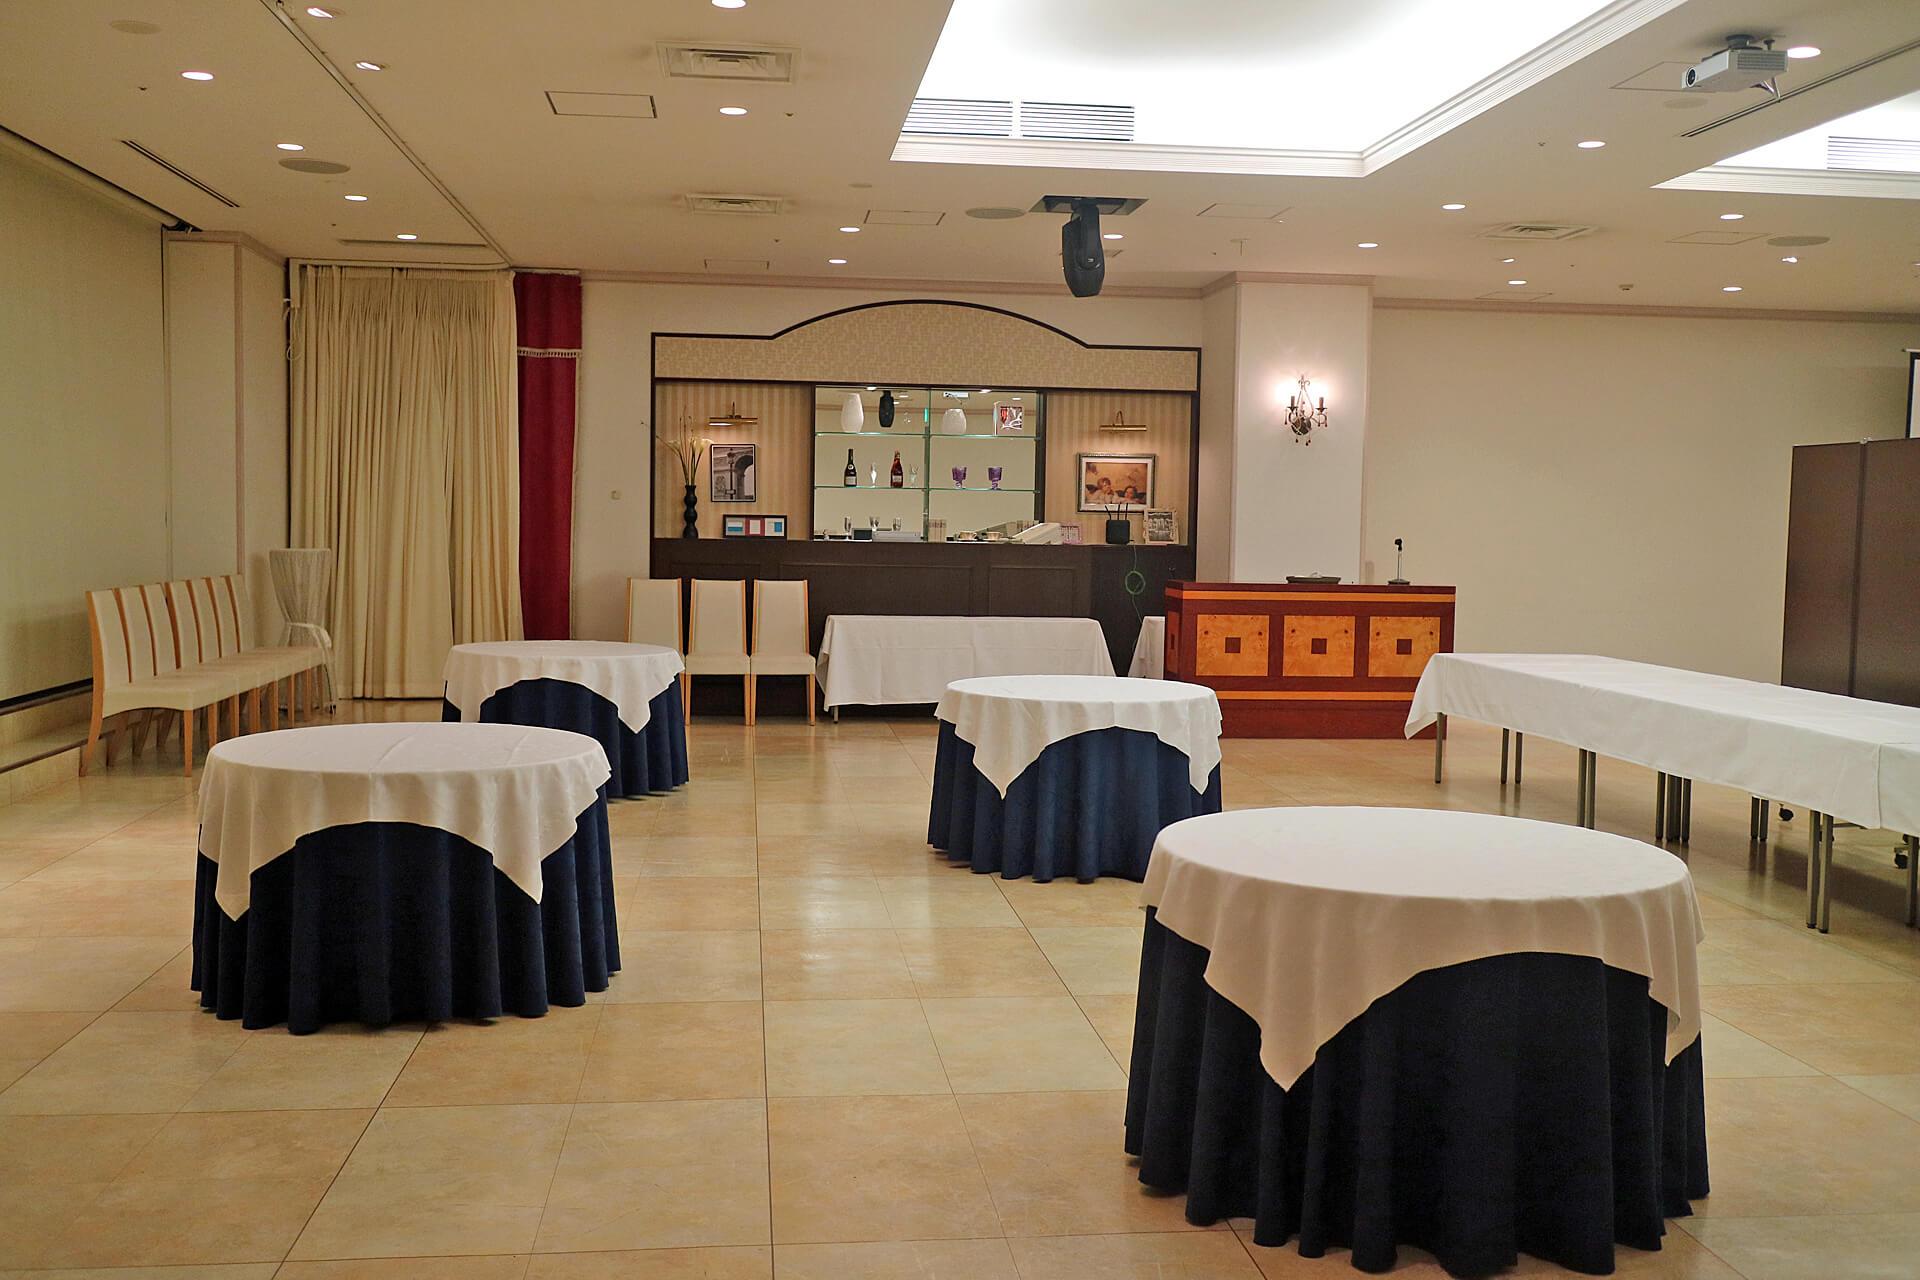 フロア貸切のホテルウェディング|ホテル金沢【公式】金沢のご宿泊ブライダル